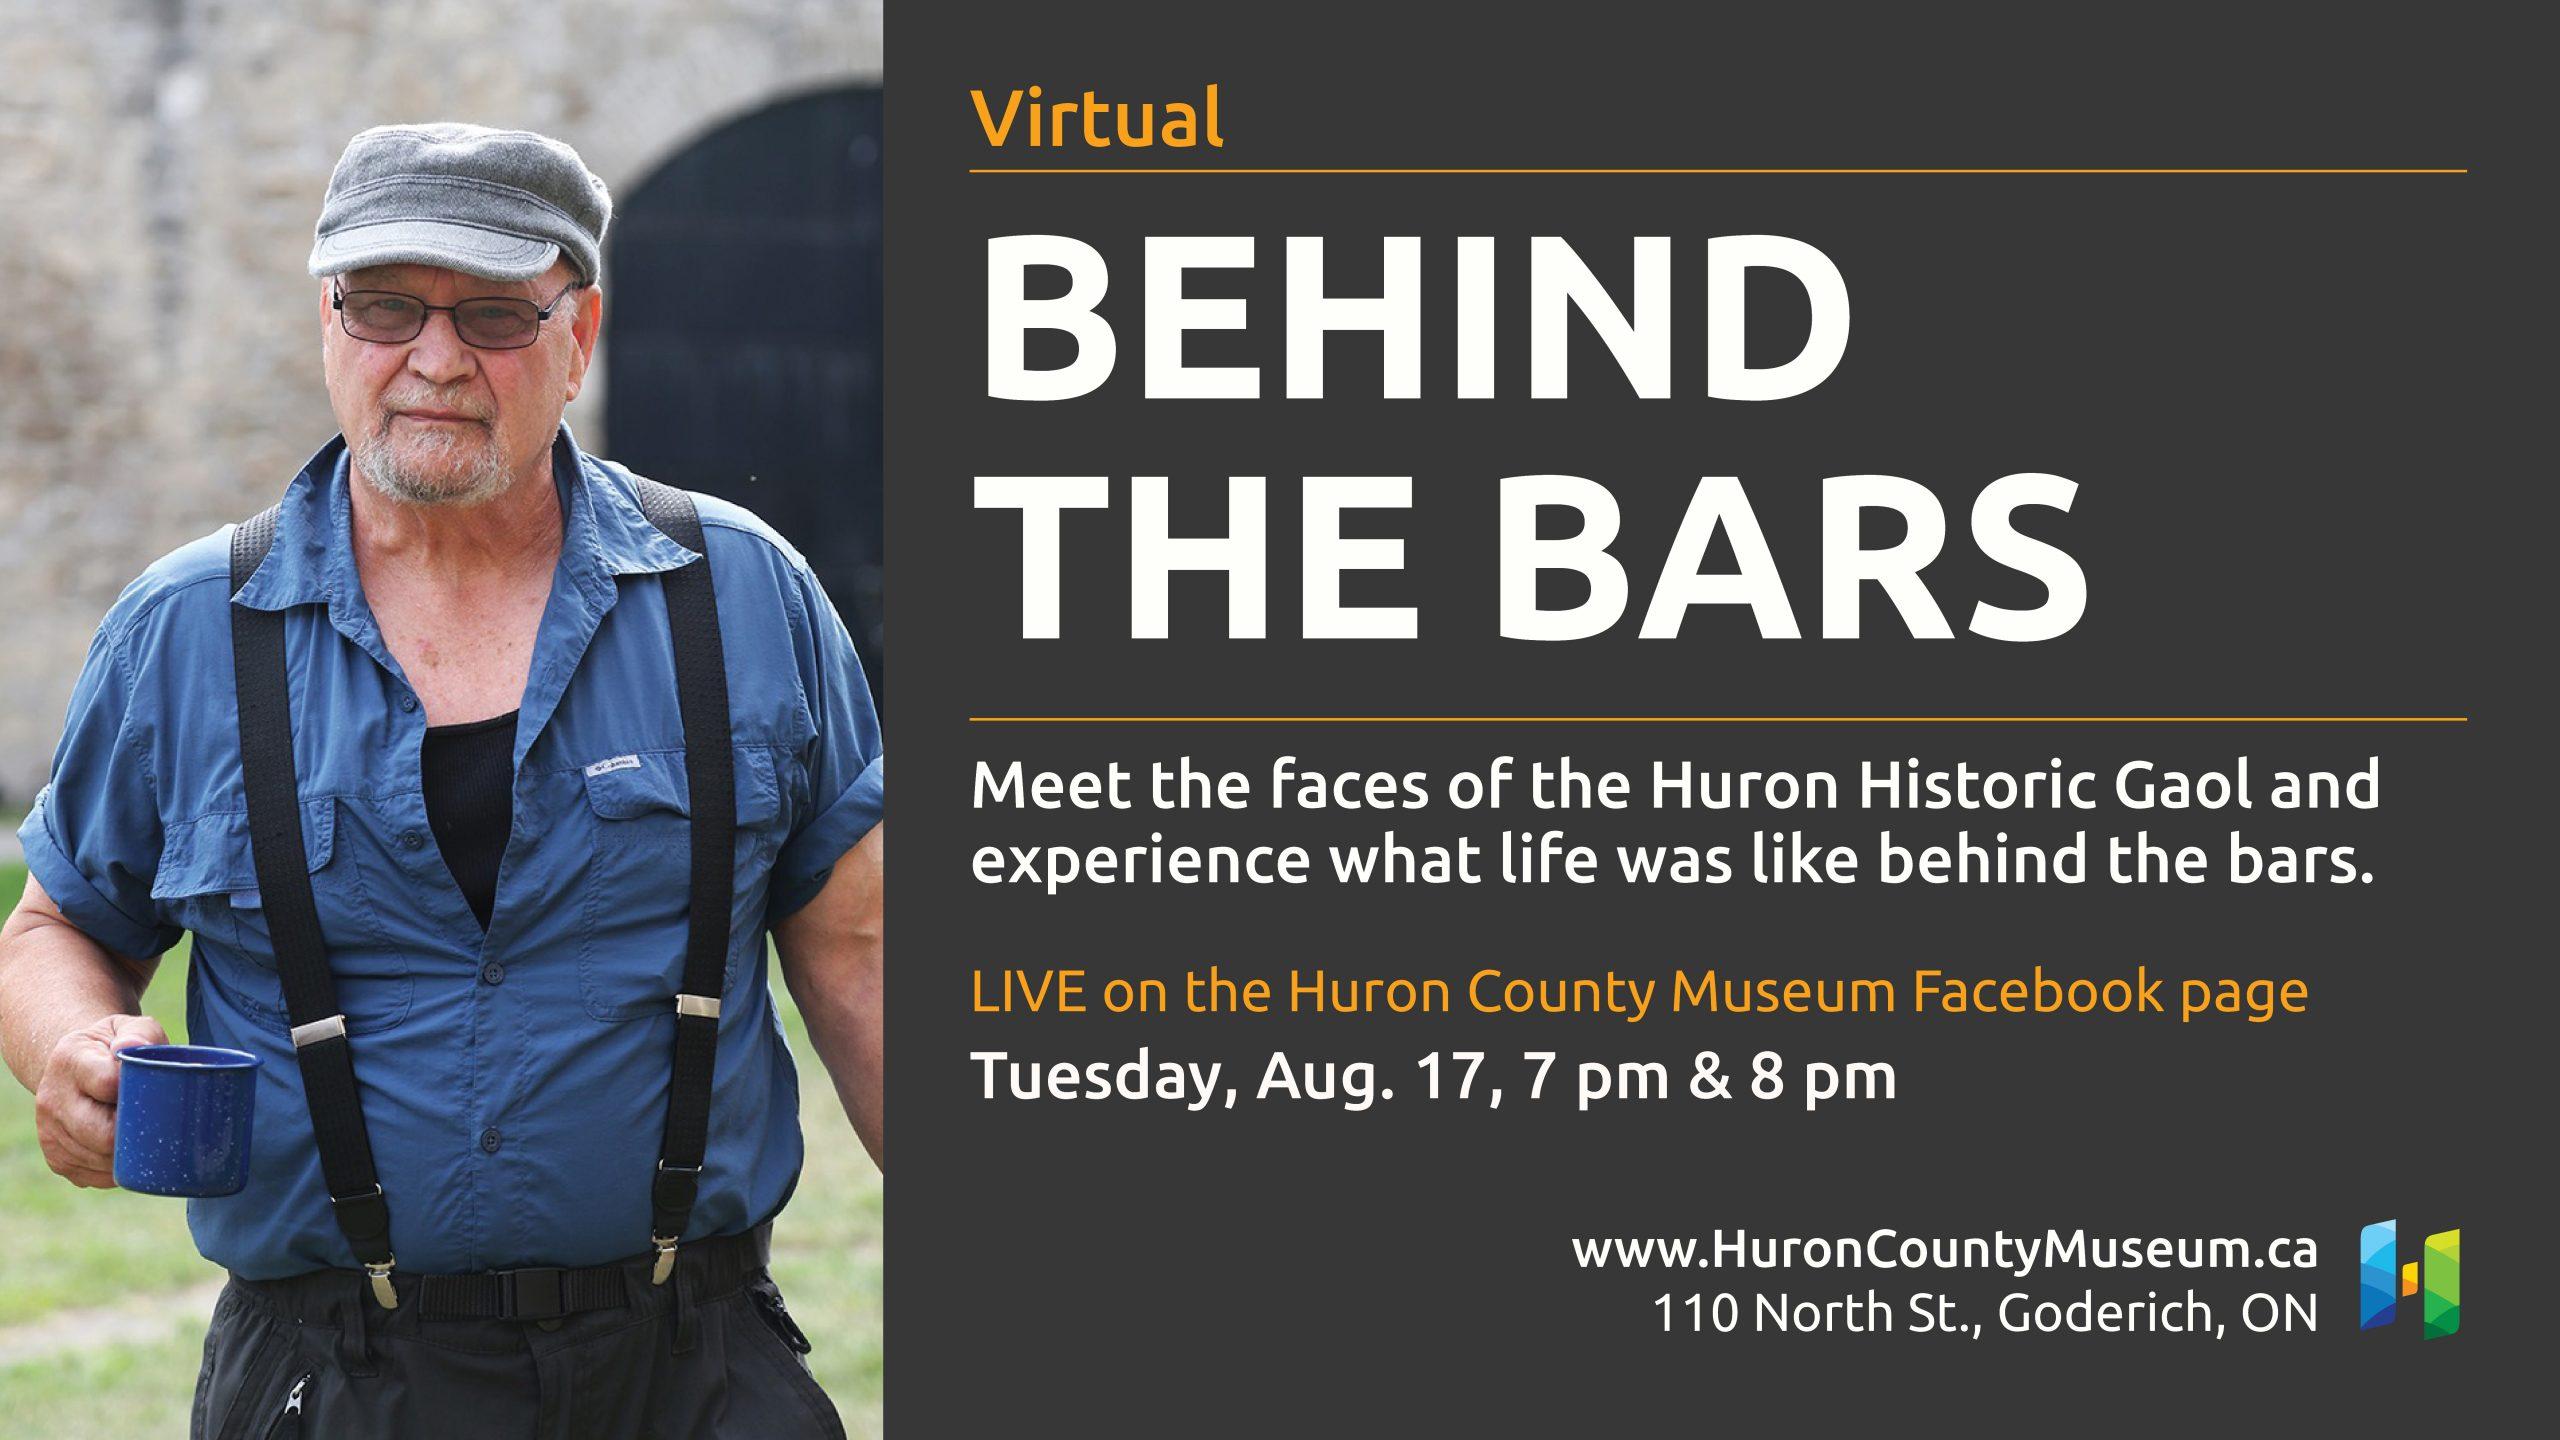 Virtual Behind the Bars